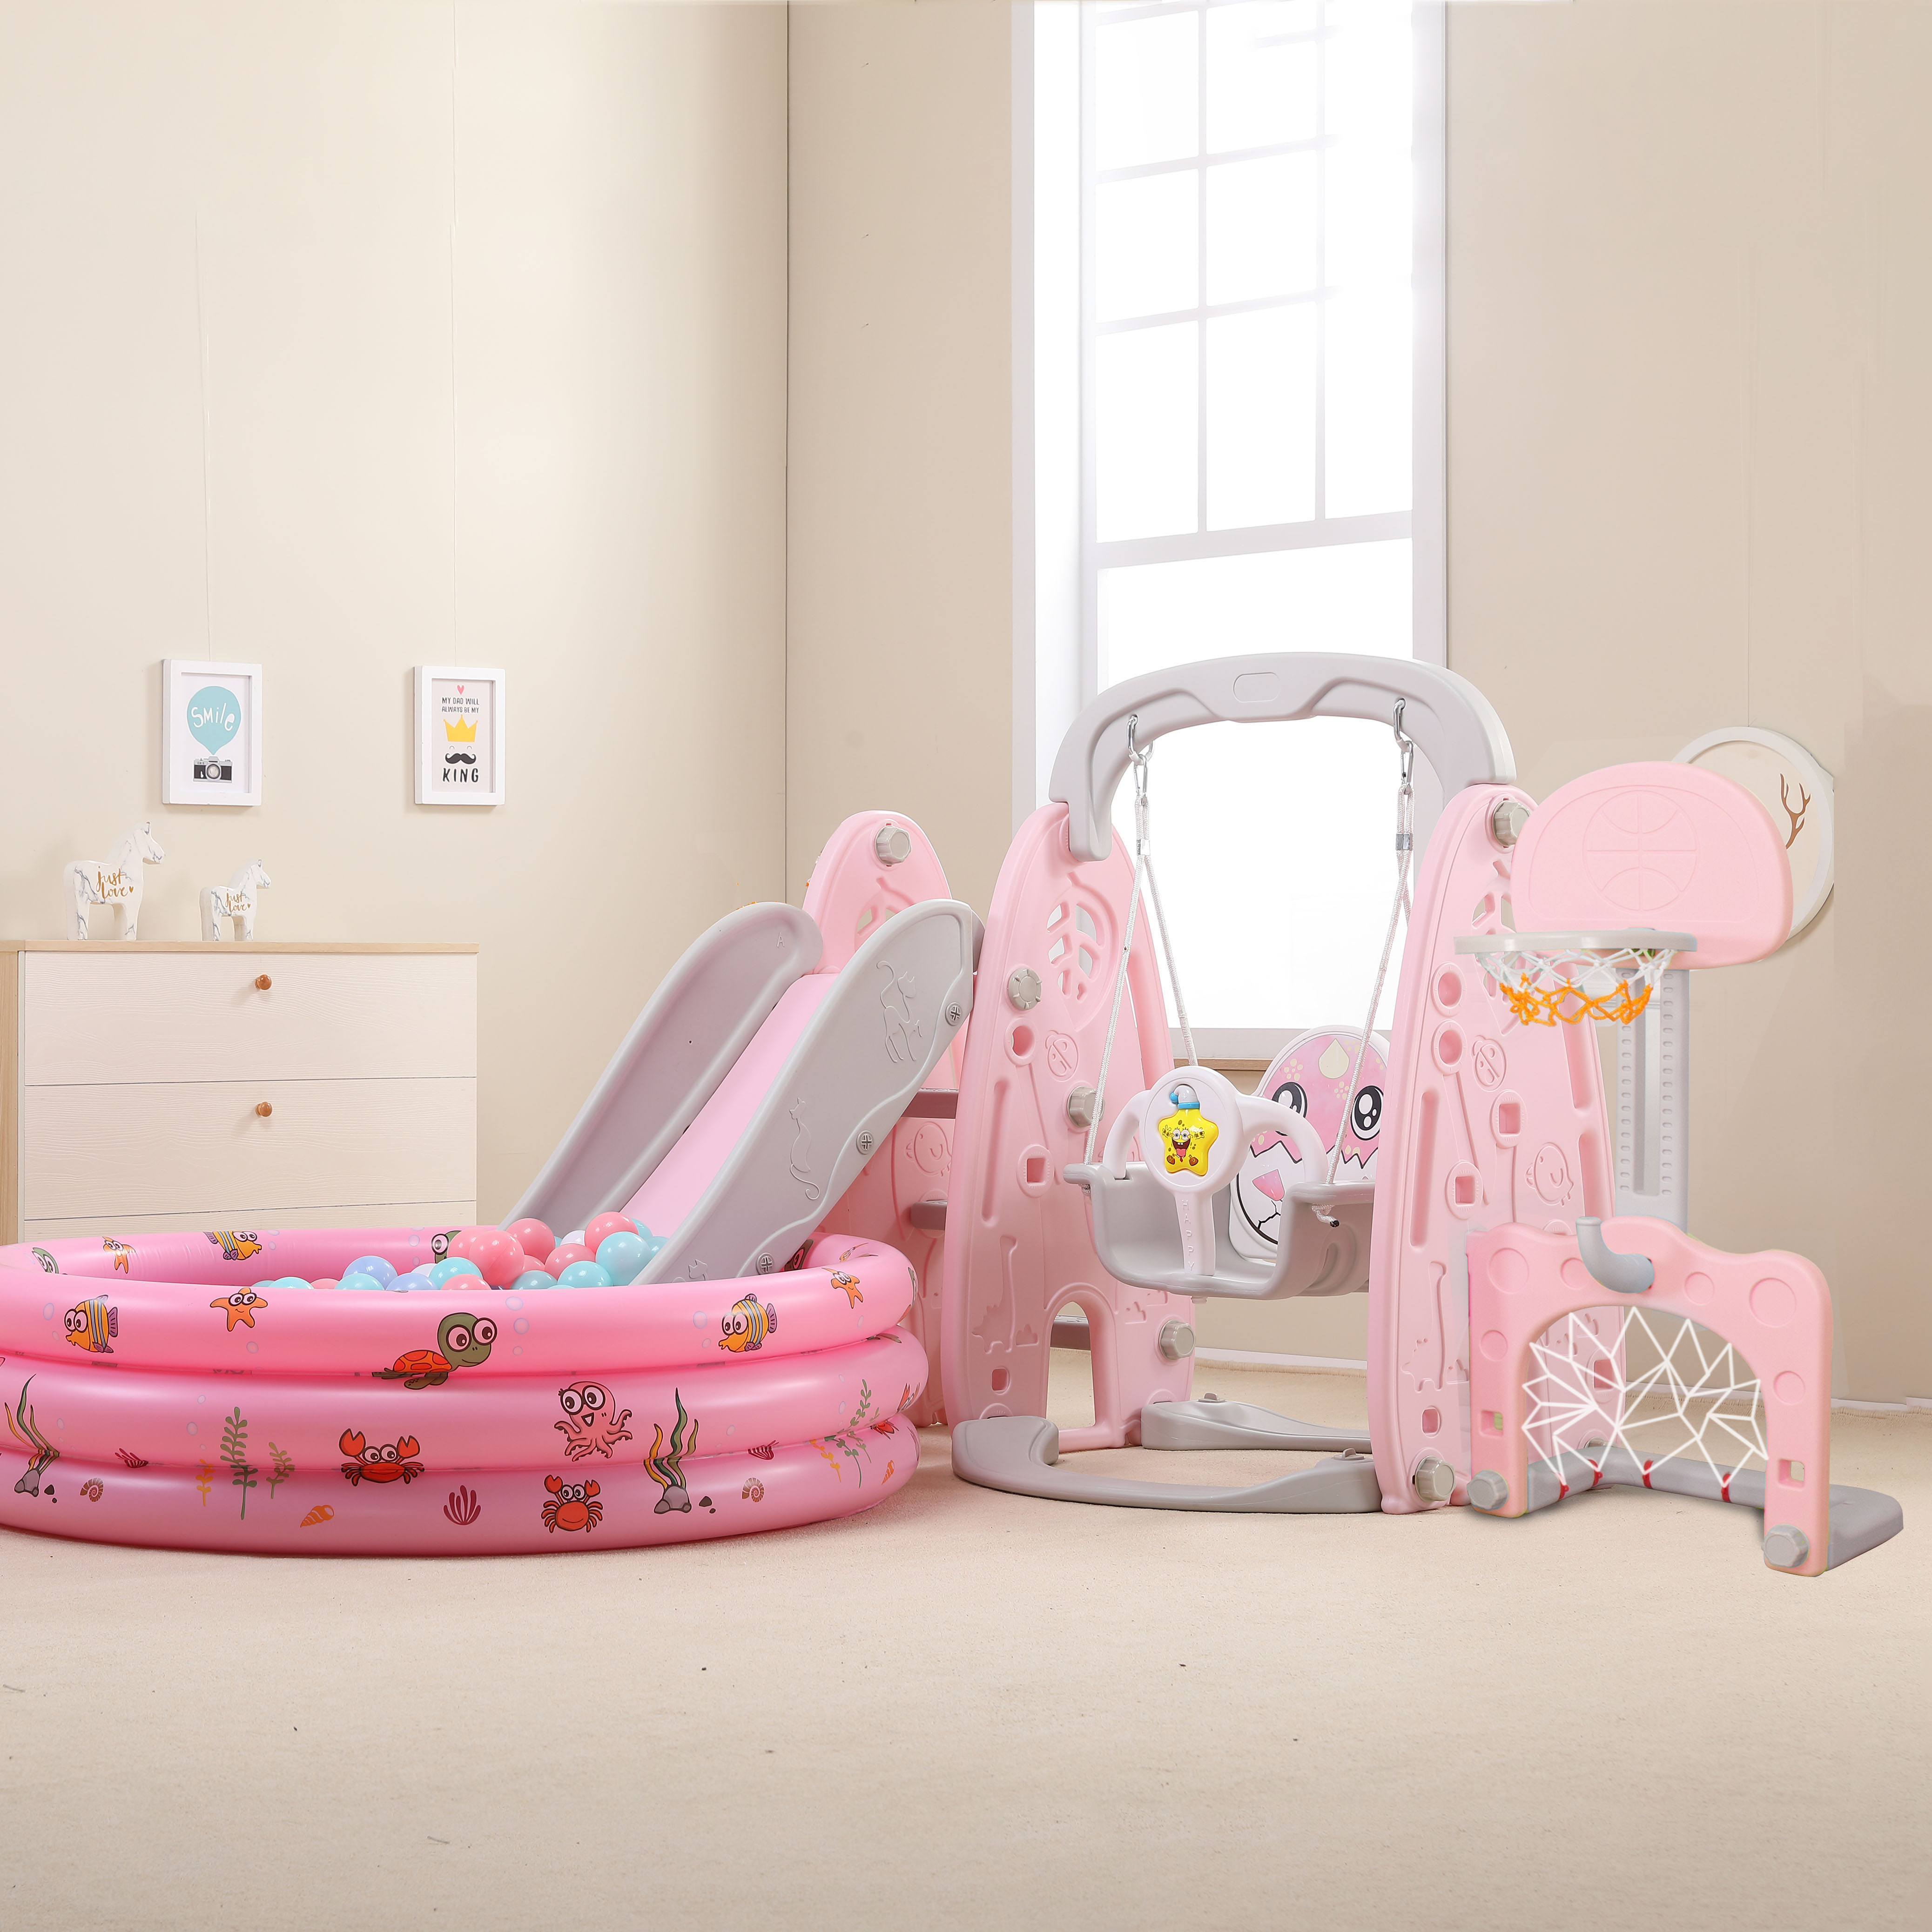 Небольшие игровые комплексы для детей Артикул 596832487855